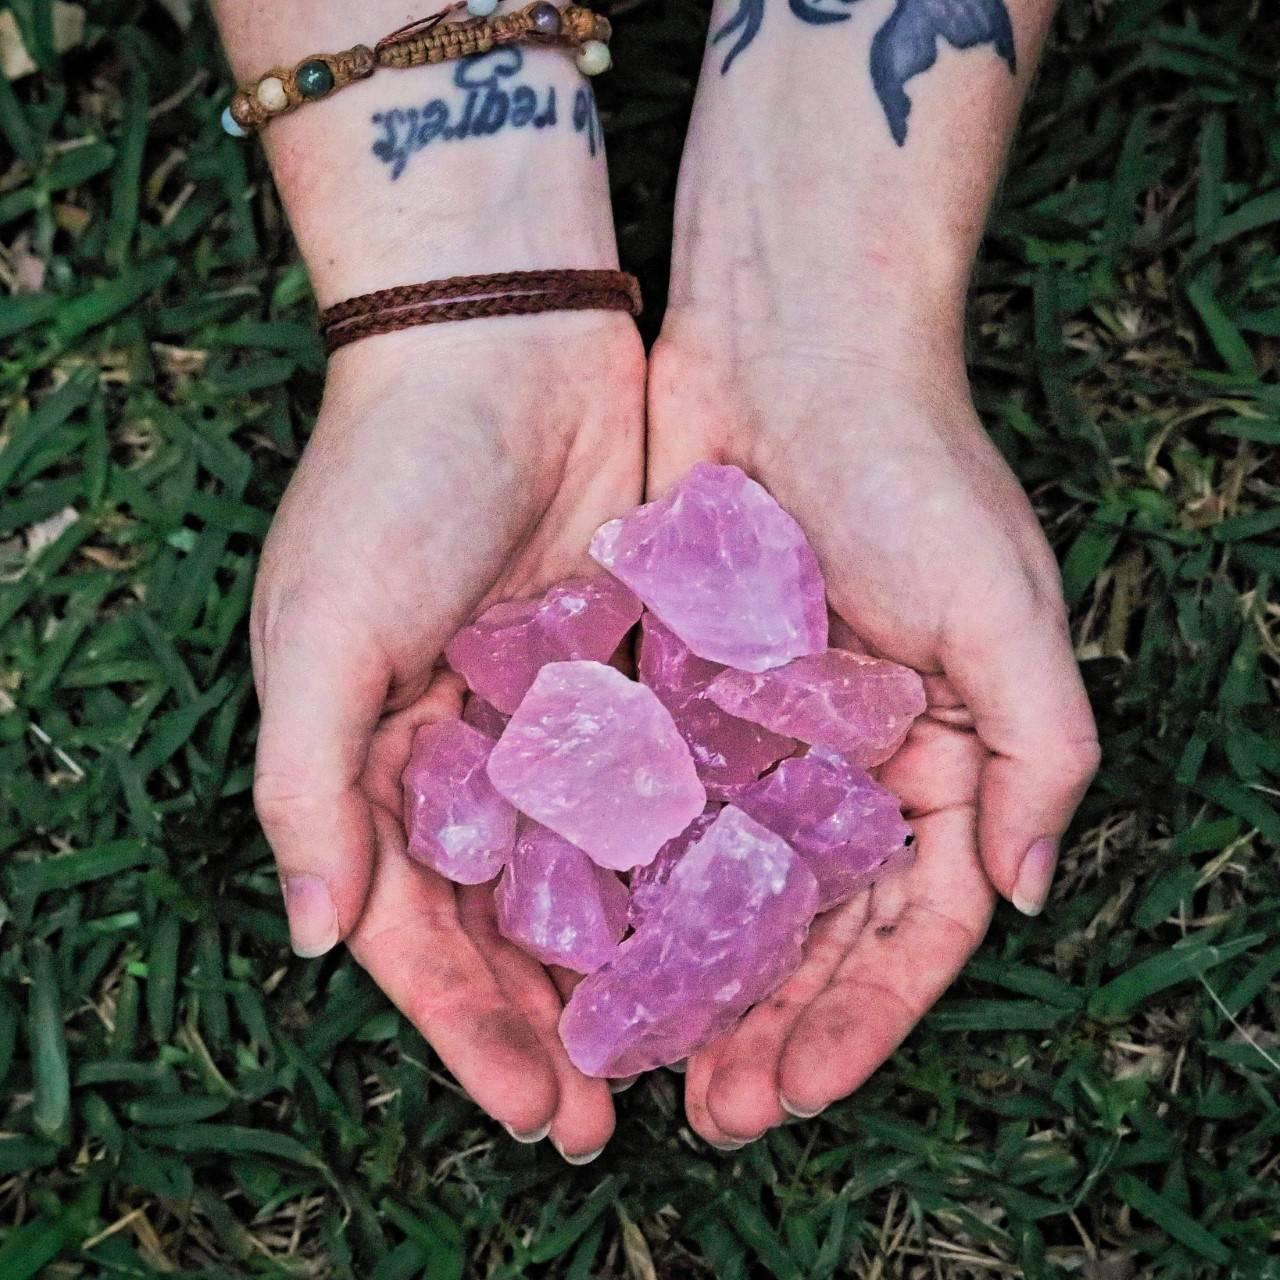 hands holding pink, rose quartz crystals